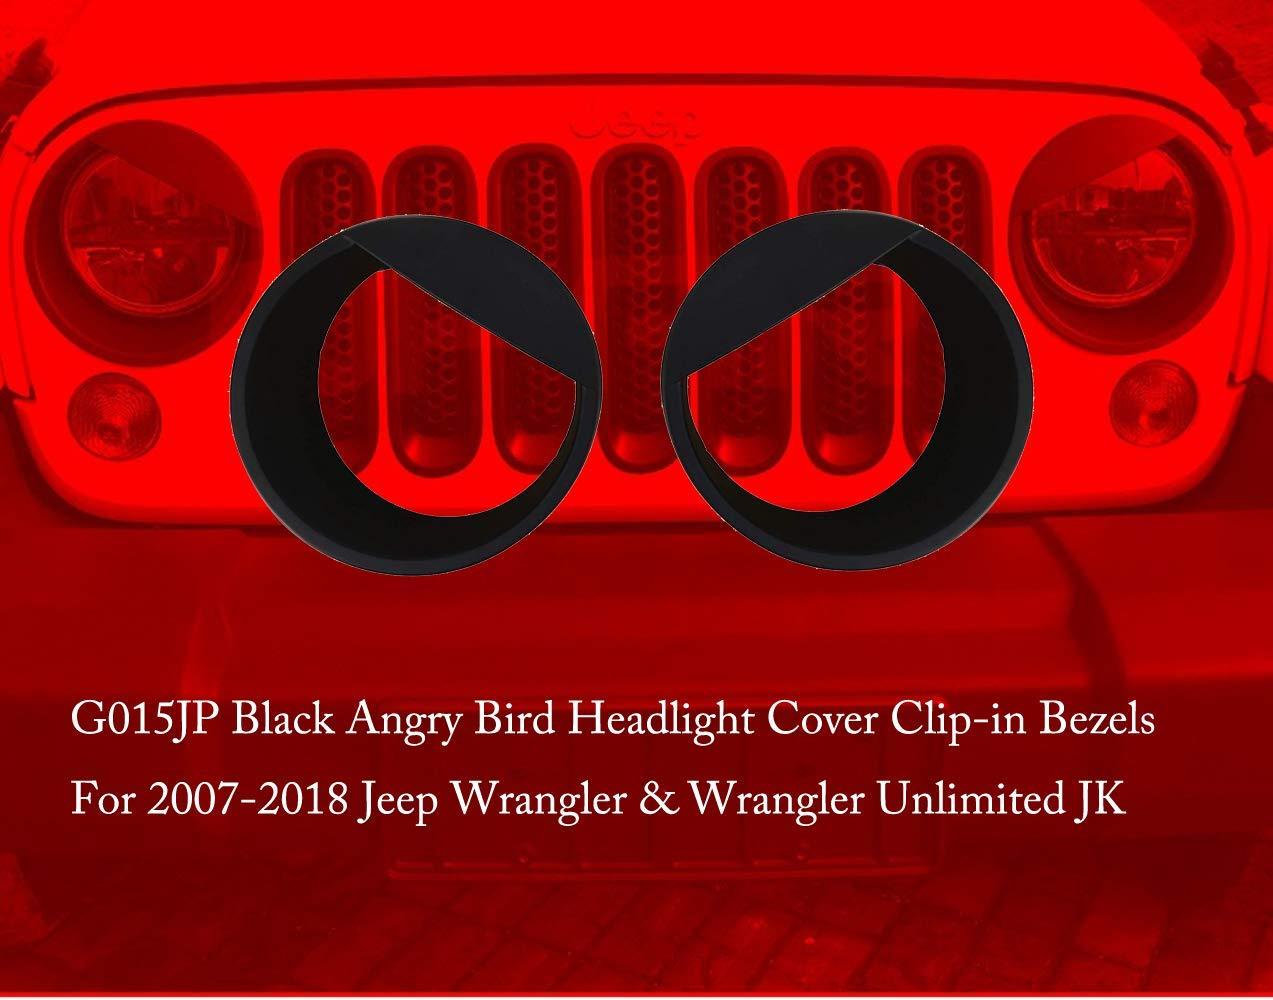 G015JP Black Angry Bird Headlight Cover Clip-in Bezels for 2007-2018 Jeep Wrangler /& Wrangler Unlimited JK GOHAWKTEQ